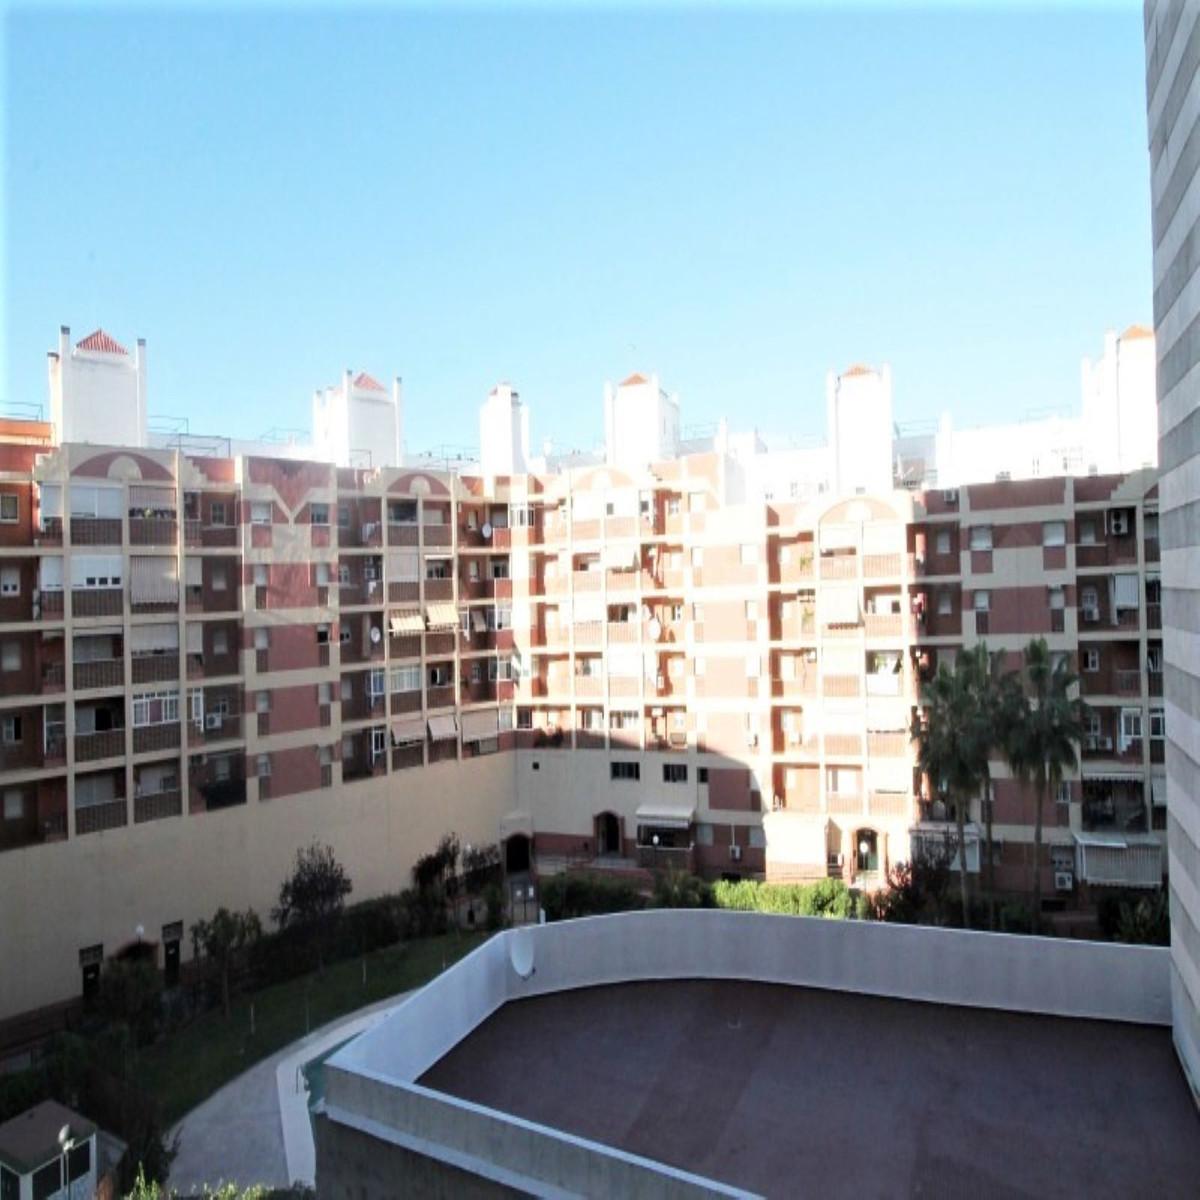 Apartamento - Torremolinos - R3575230 - mibgroup.es